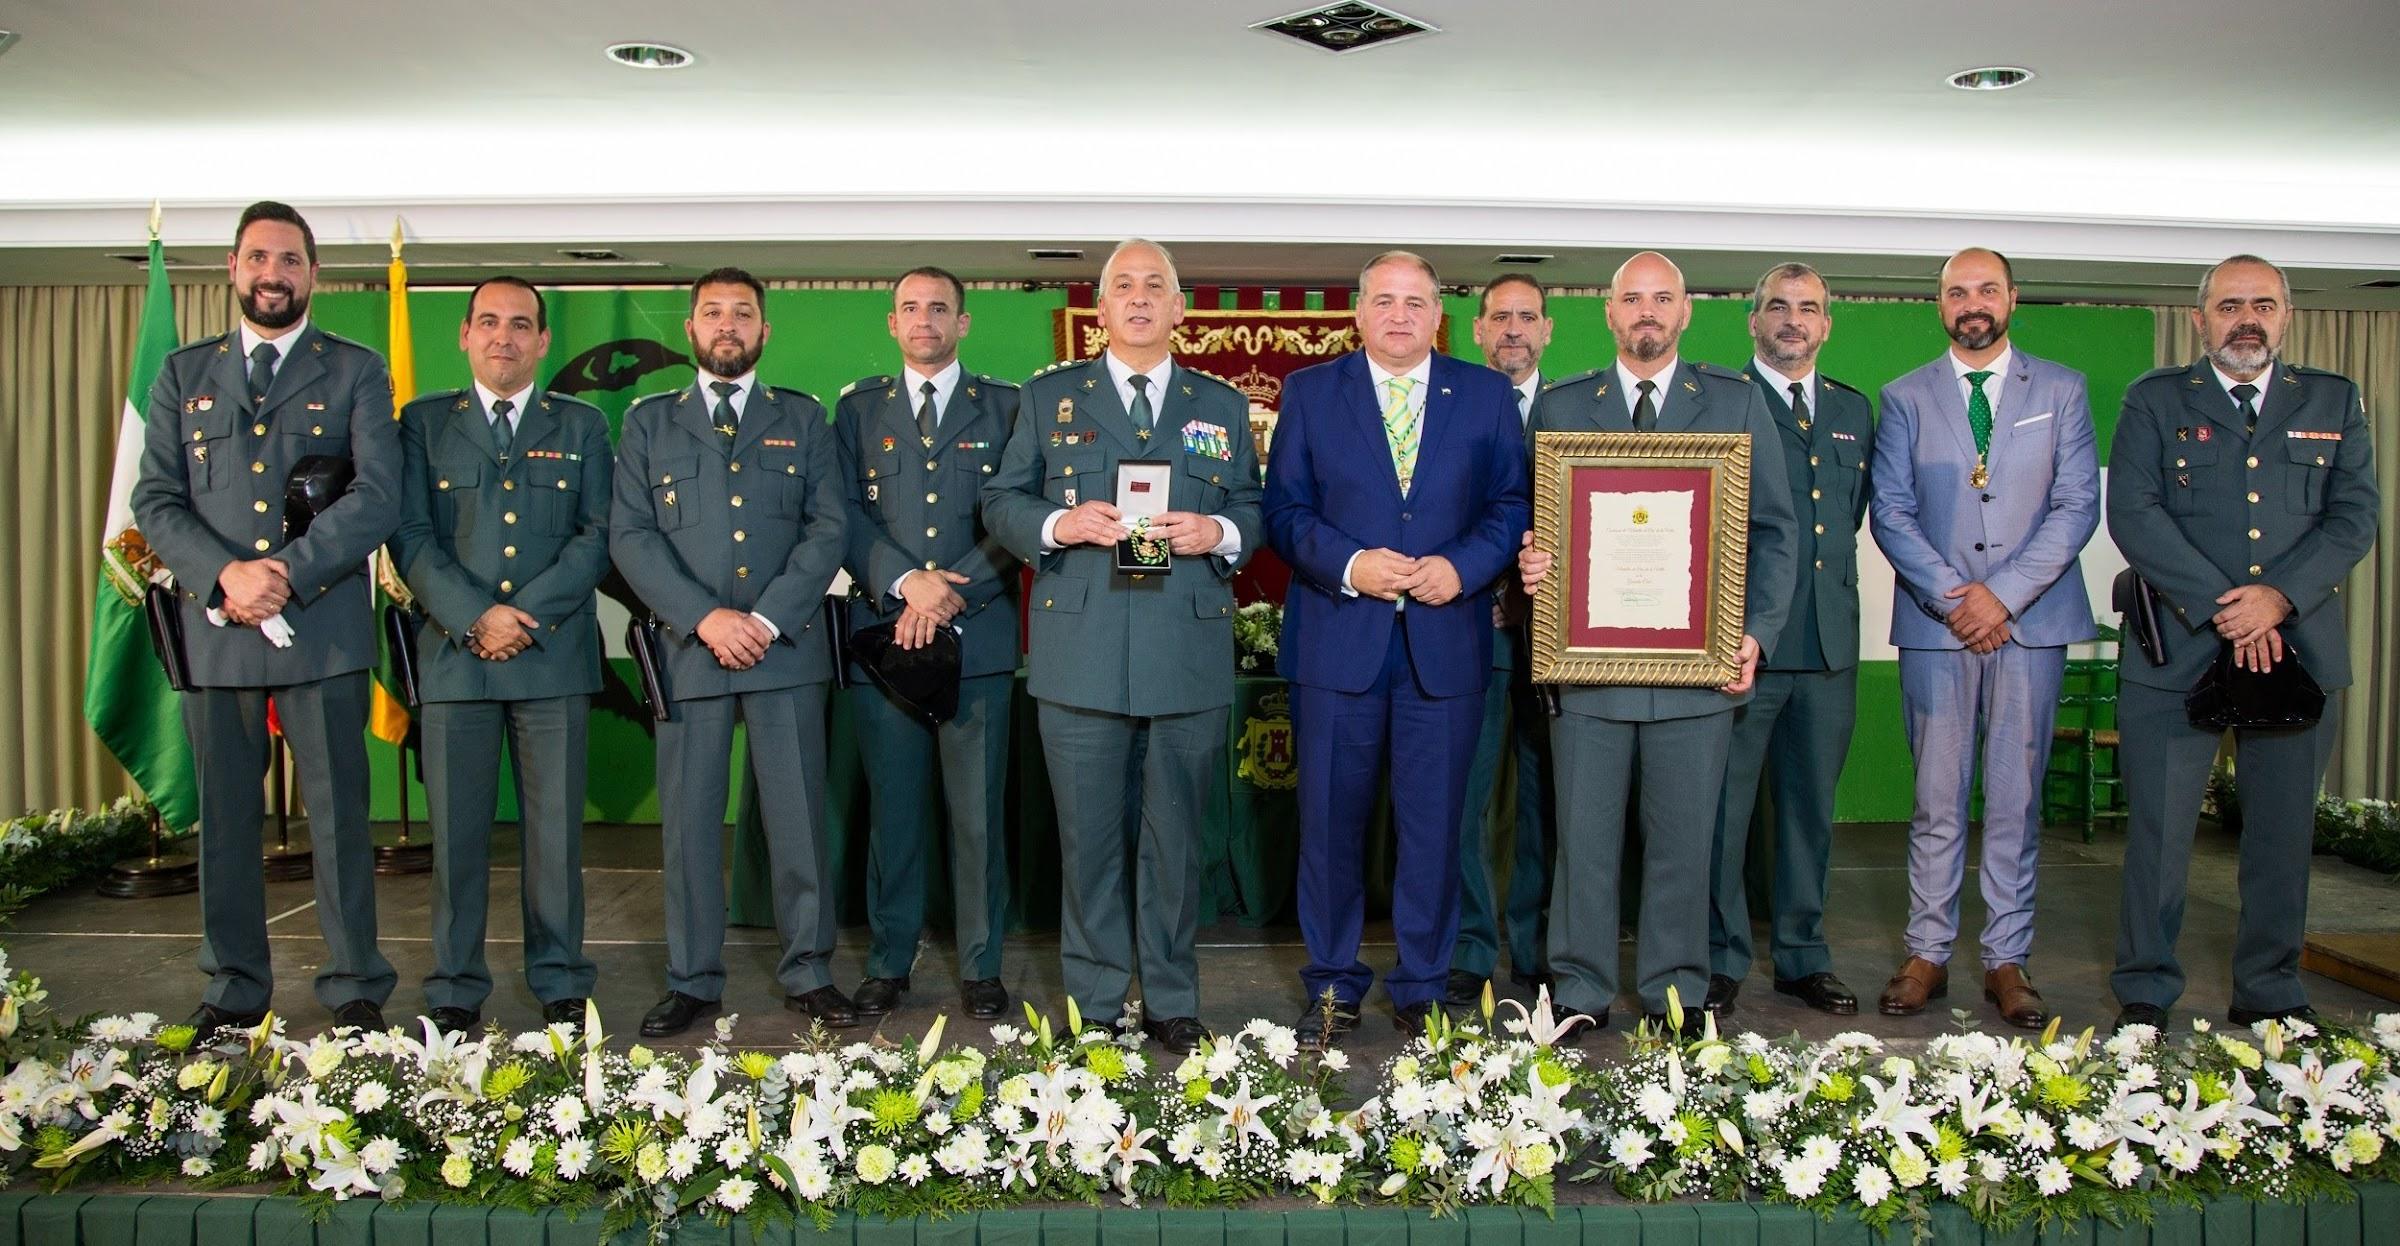 La Guardia Civil recibe la Medalla de Oro de la Villa de Los Barrios